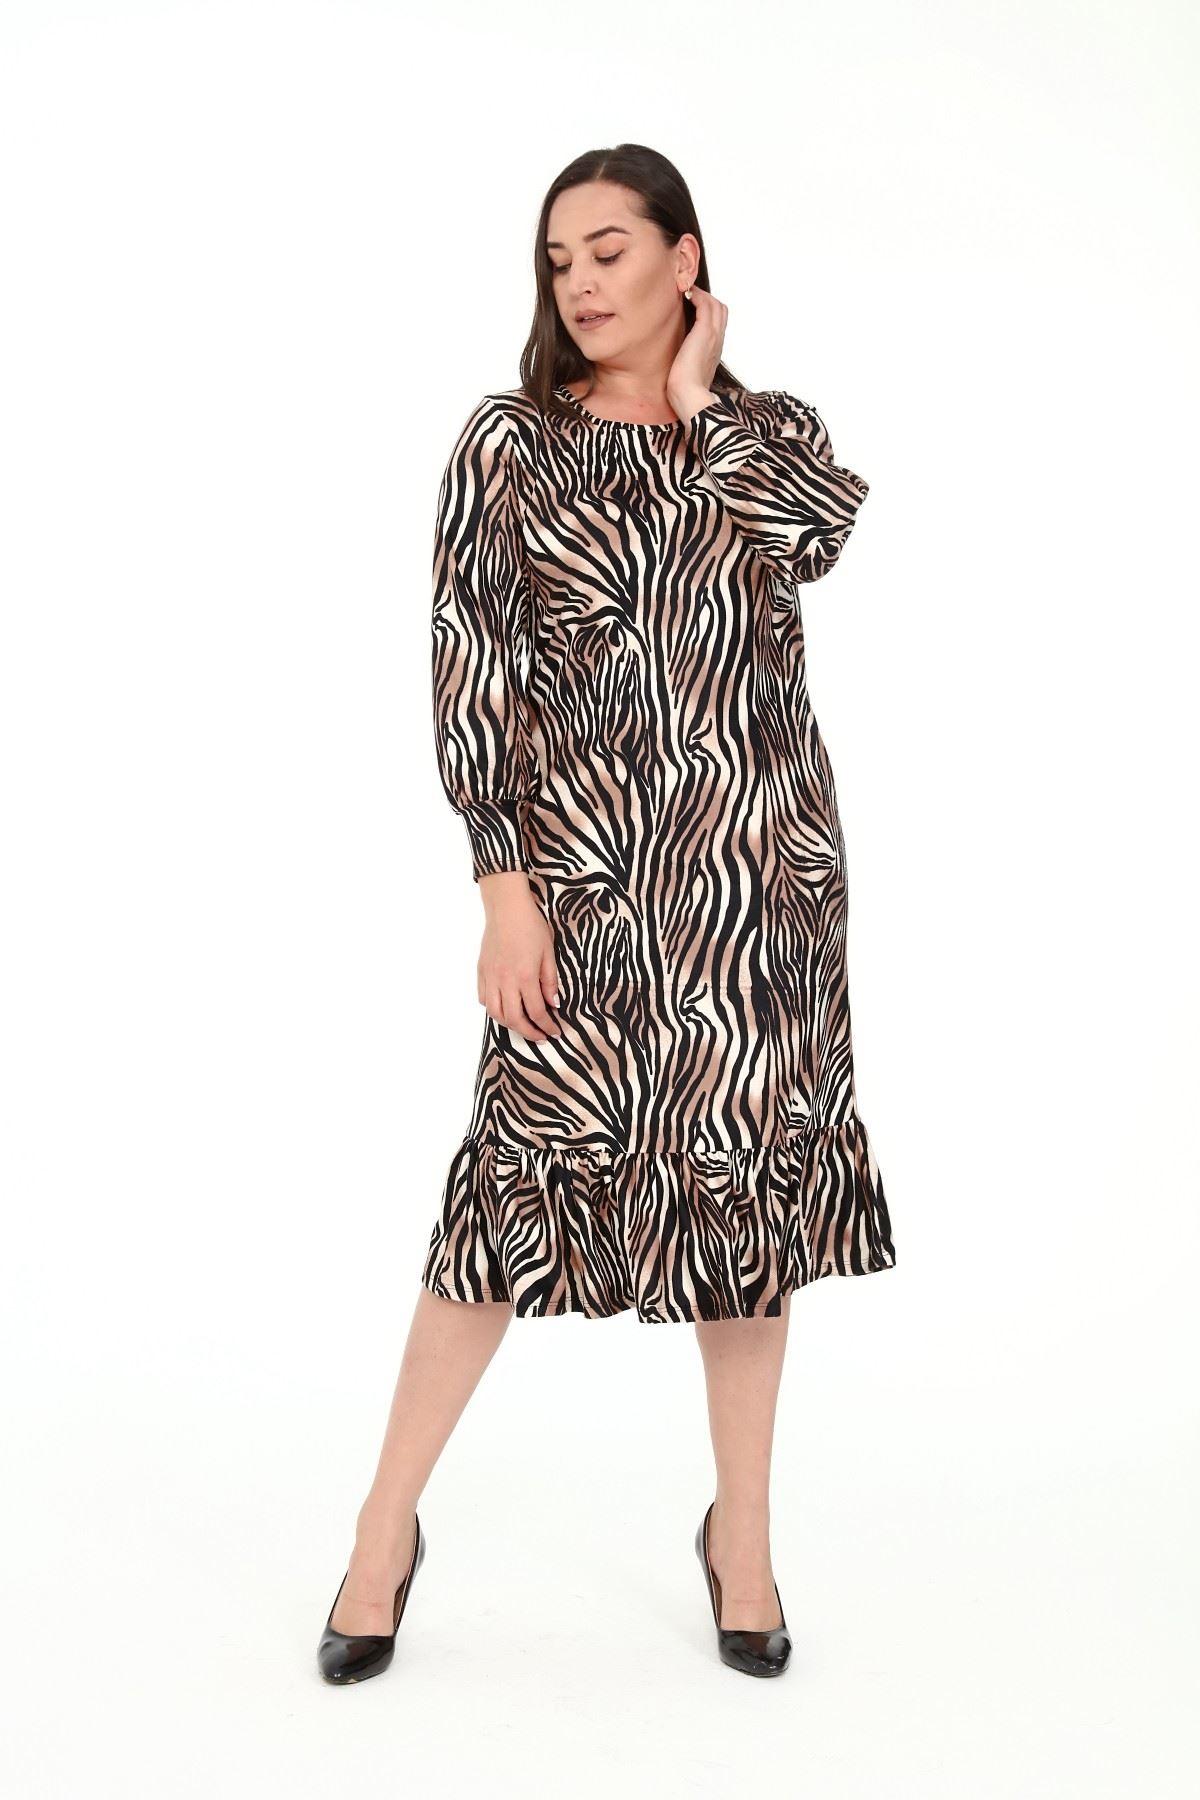 Eteği Fırfırlı Zebra Desen Büyük Beden Elbise 15D-1912